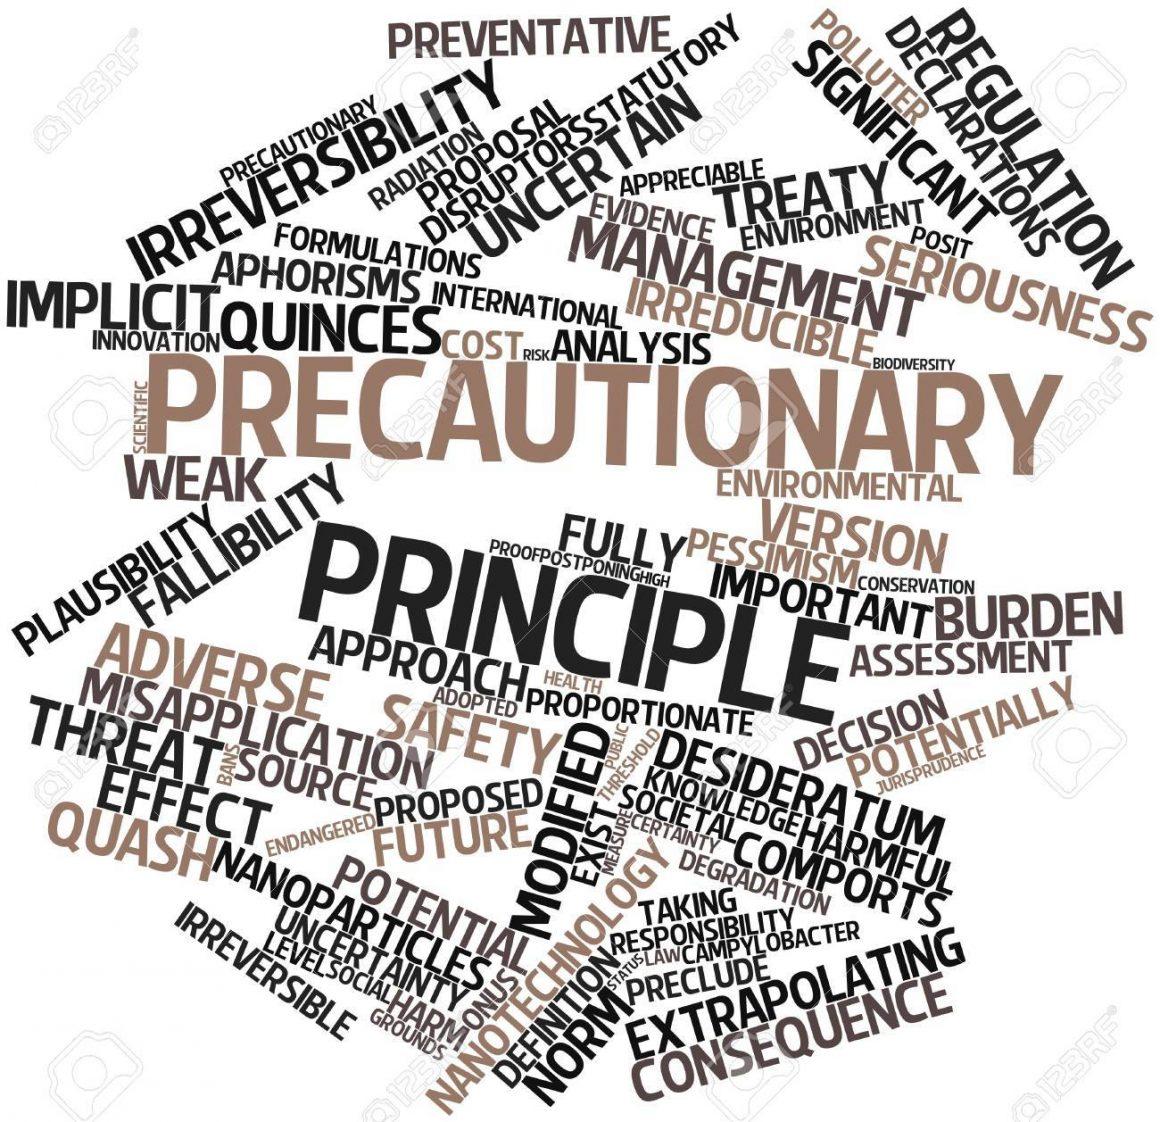 L'ascesa del principio di precauzione nel diritto ambientale contemporaneo